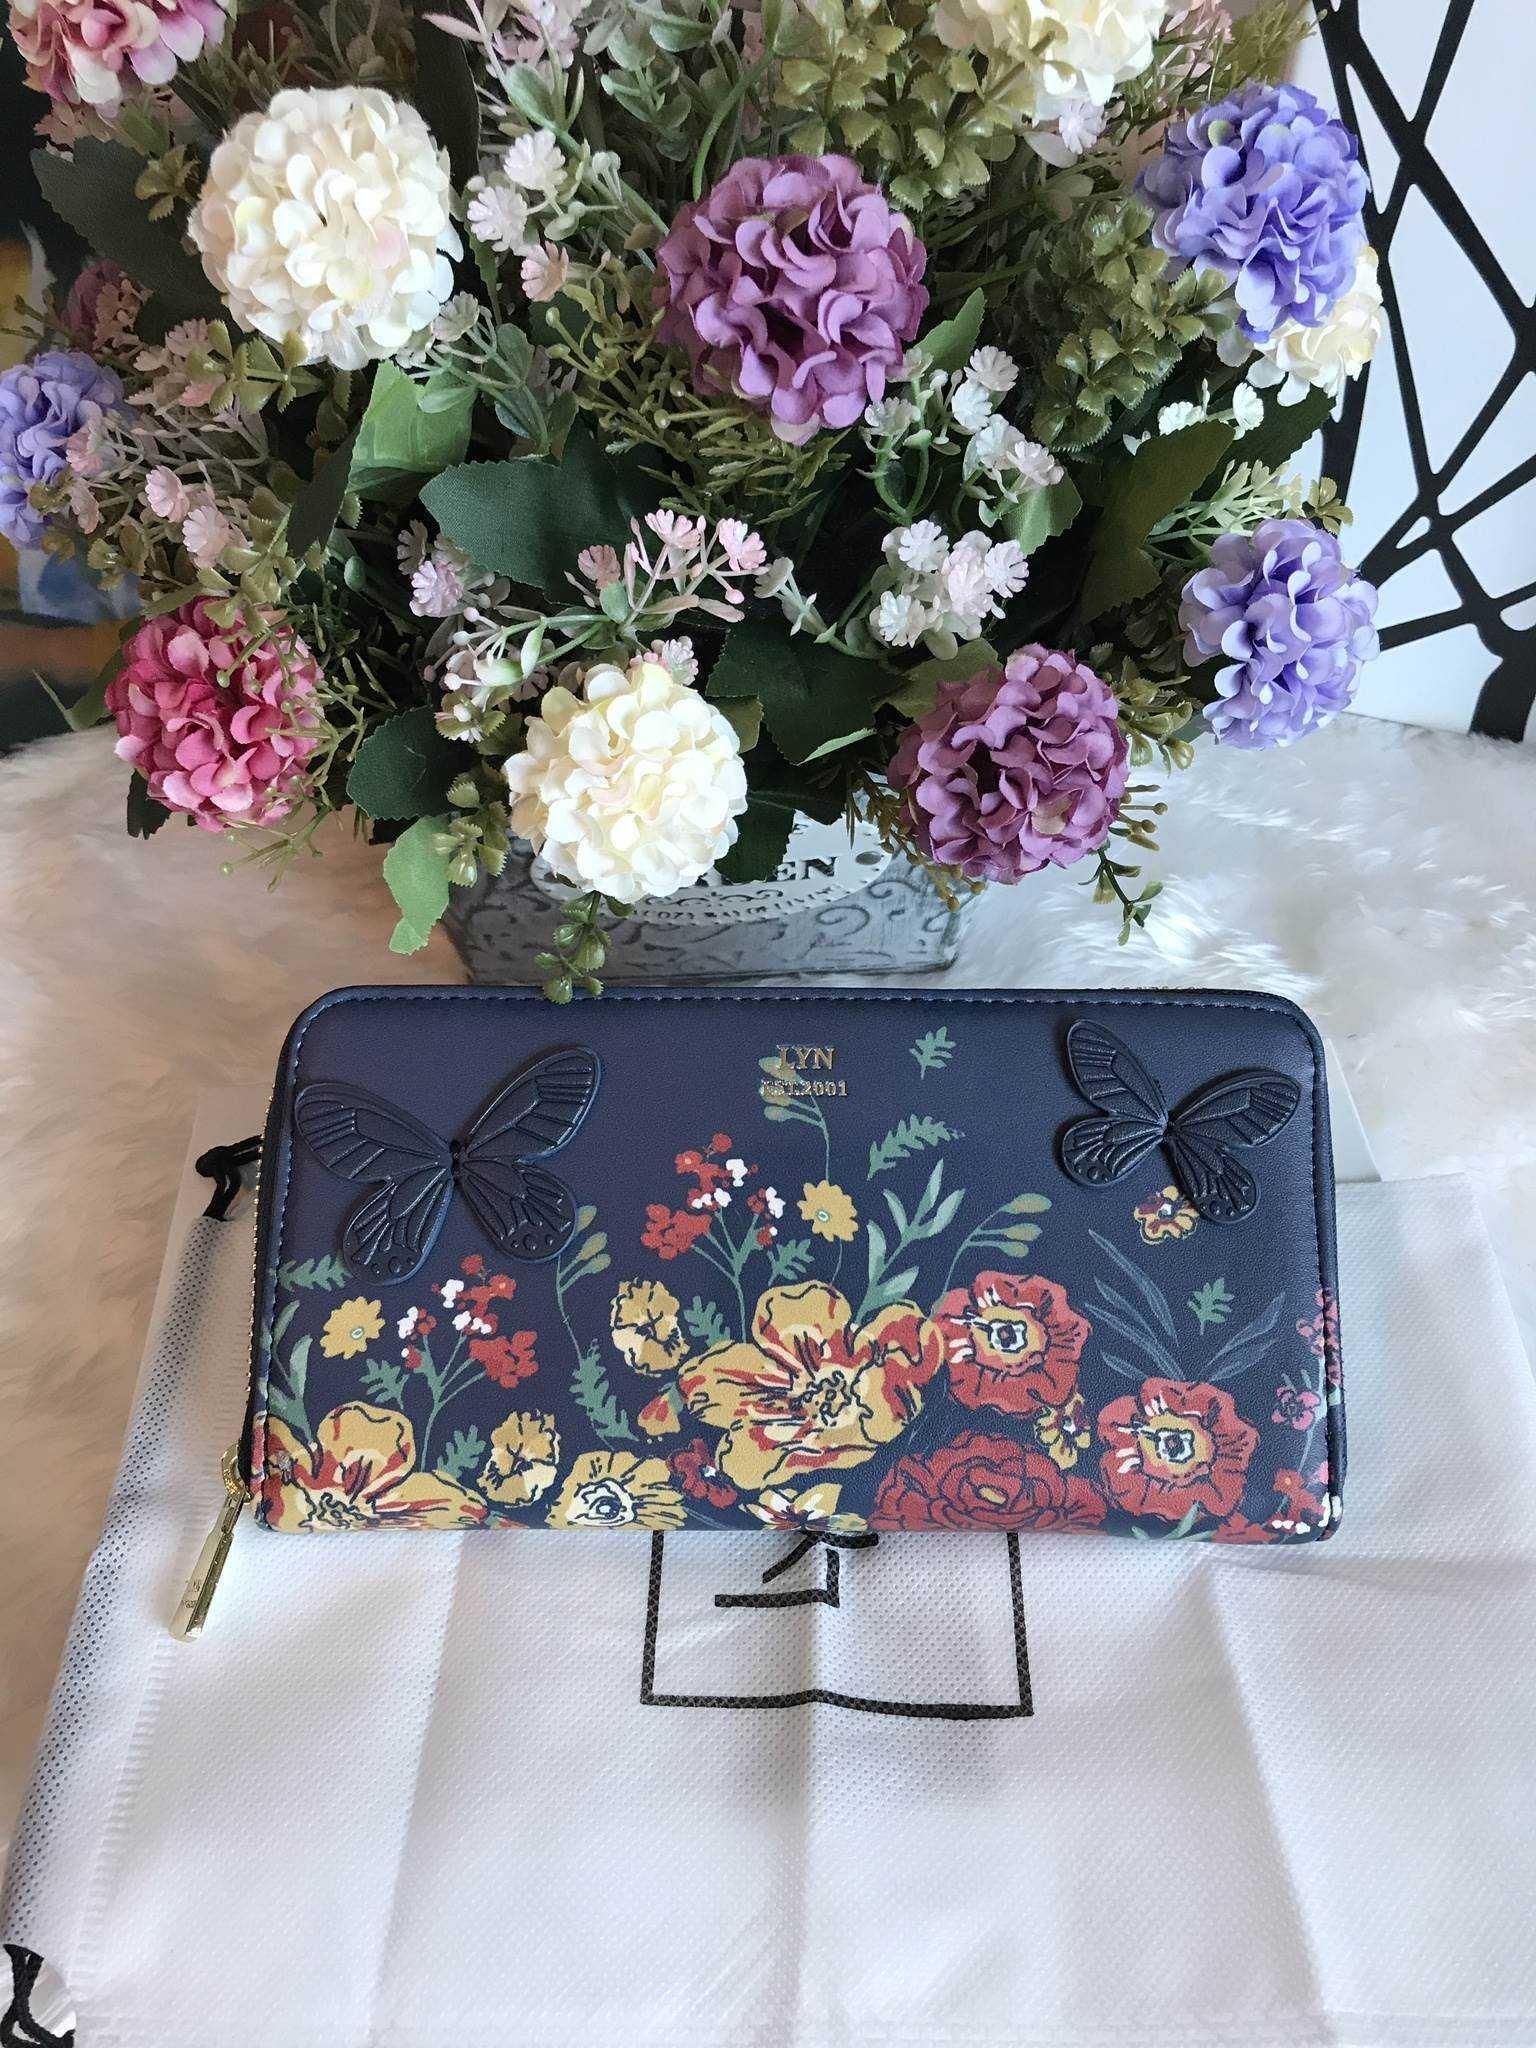 กระเป๋าเงิน ใบยาว ซิปรอบ LYN Clarlynna Long Wallet Bag สีน้ำเงิน ราคา 1,190 บาท Free Ems